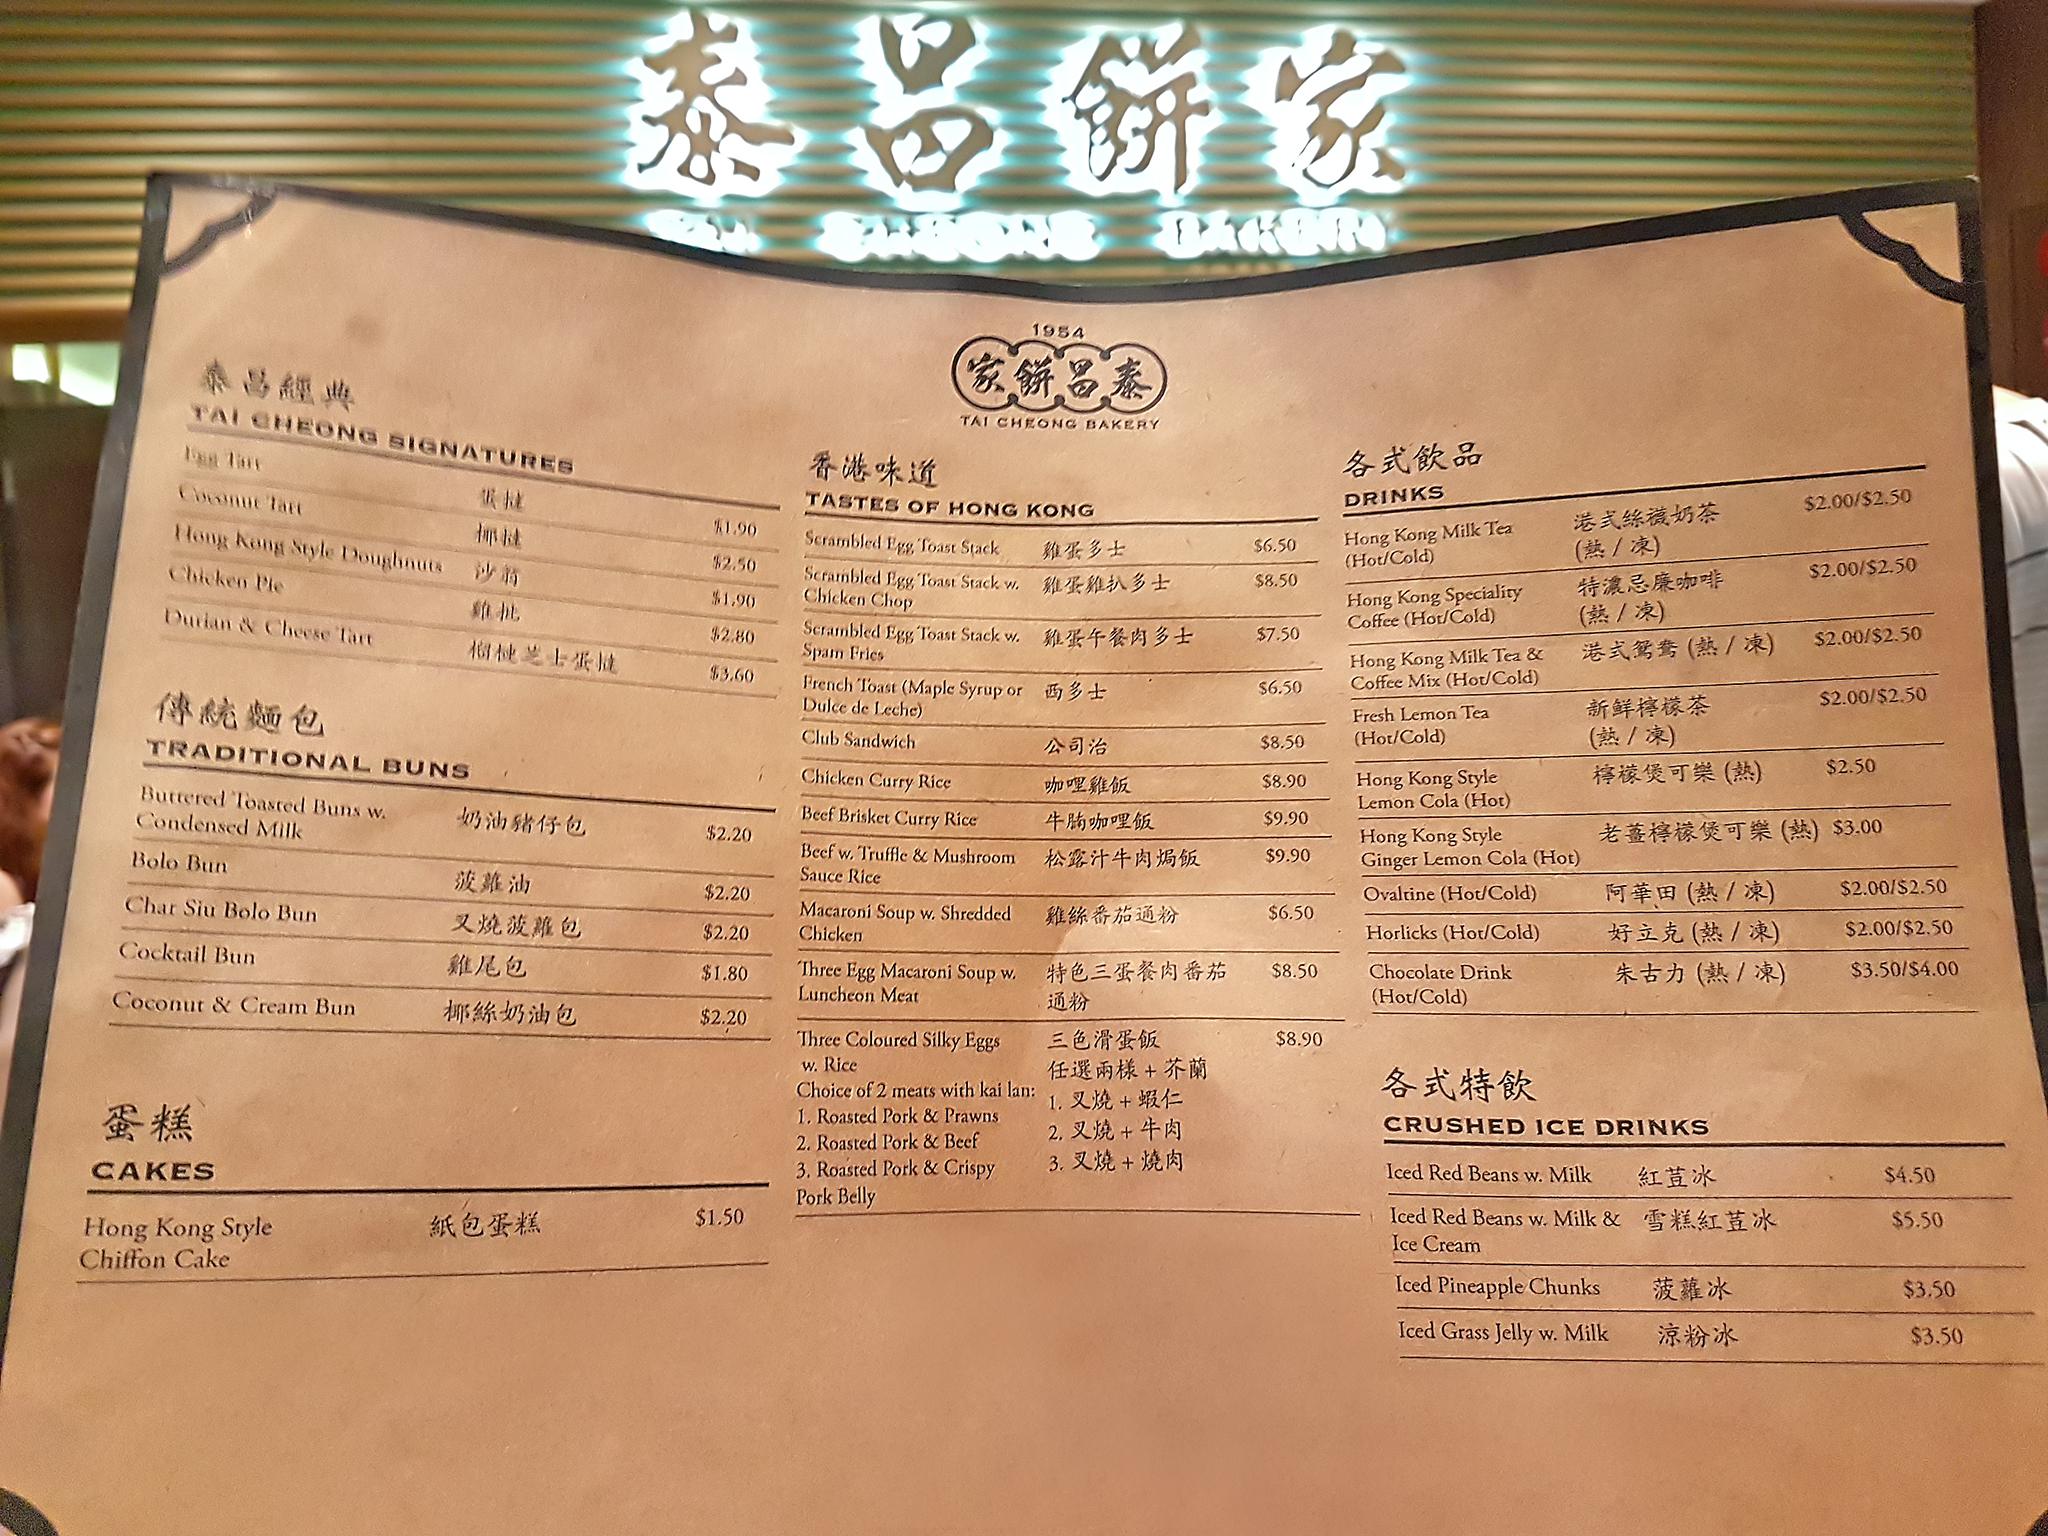 Tai Cheong Bakery Singapore 泰昌餅家